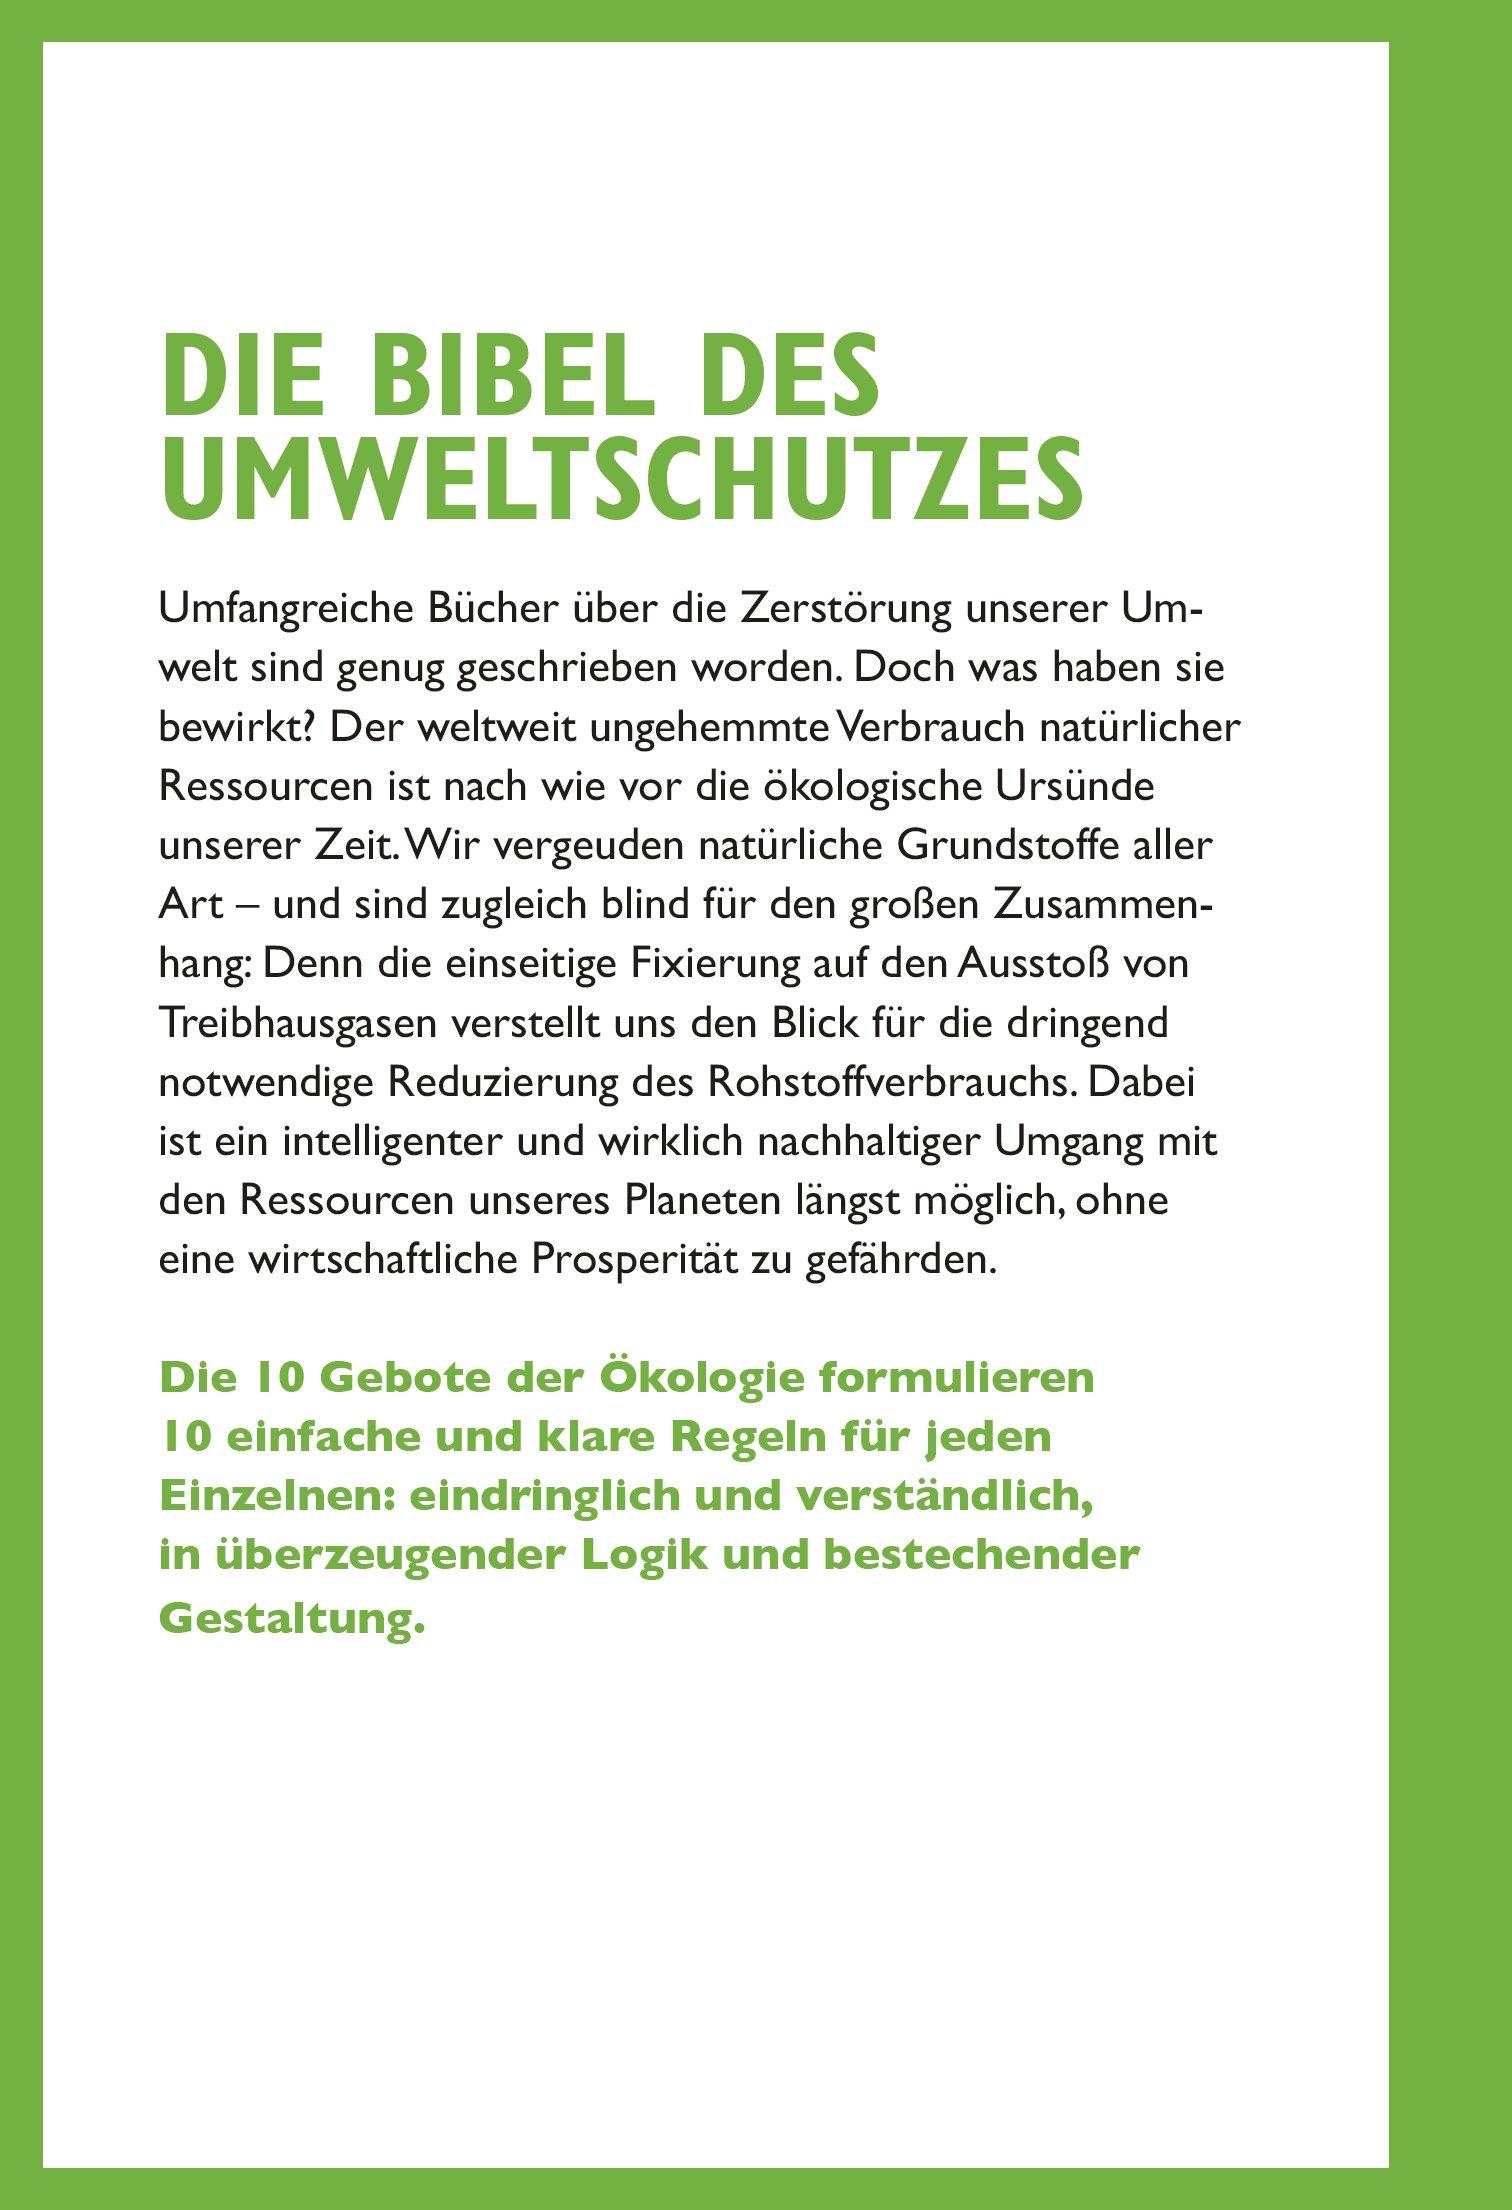 Ausgezeichnet 10 Gebote Die Seite Färben Galerie - Malvorlagen Von ...